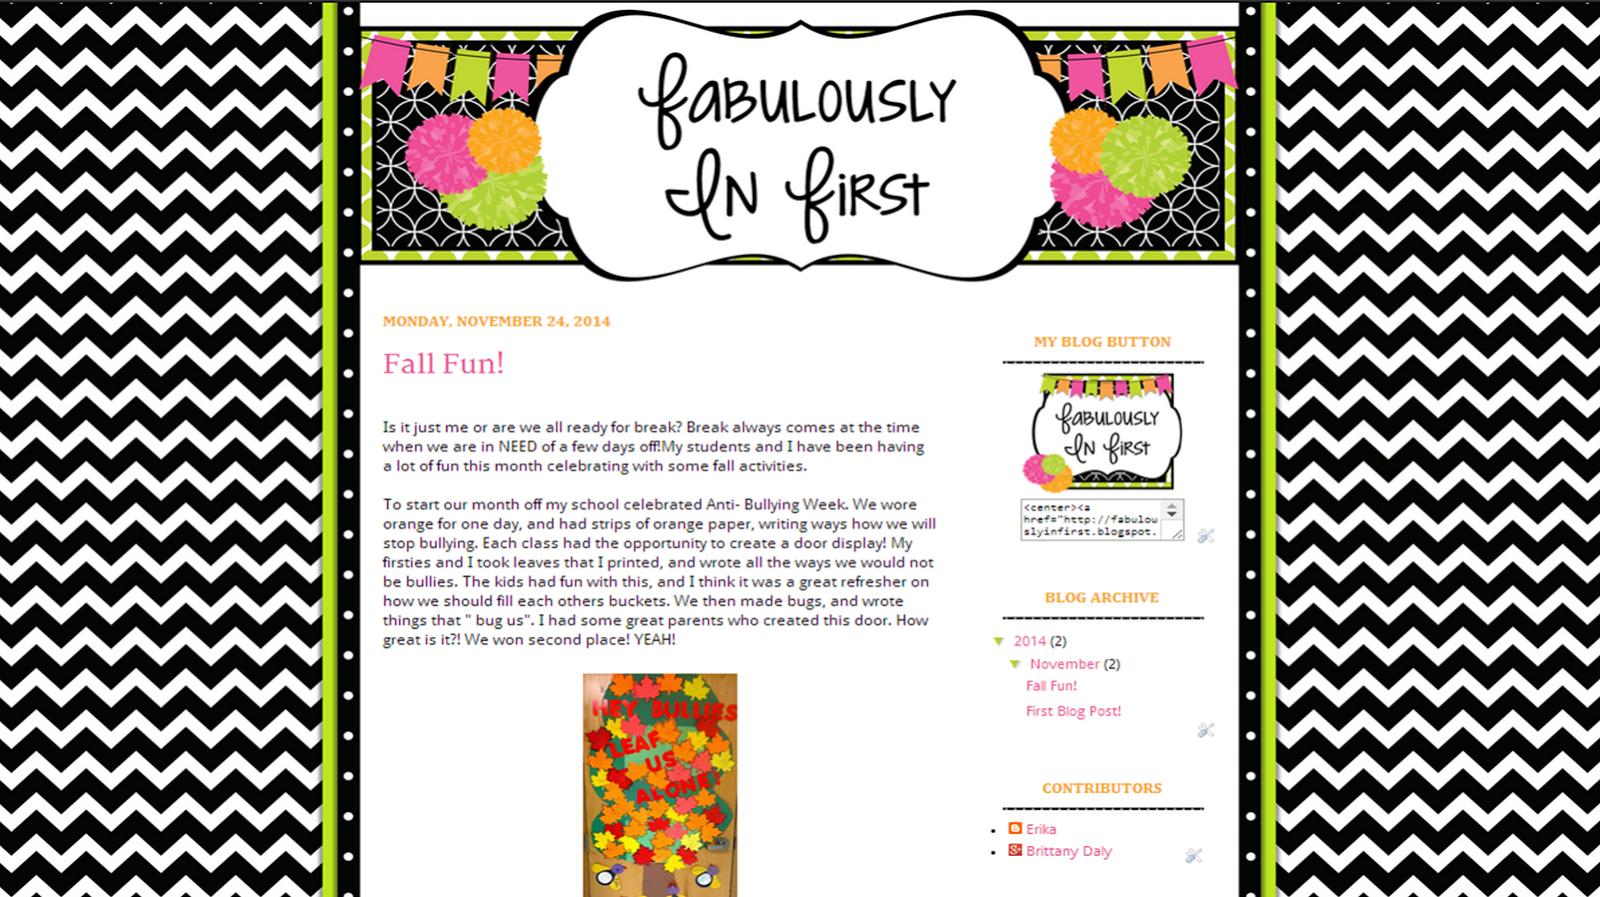 http://fabulouslyinfirst.blogspot.com/